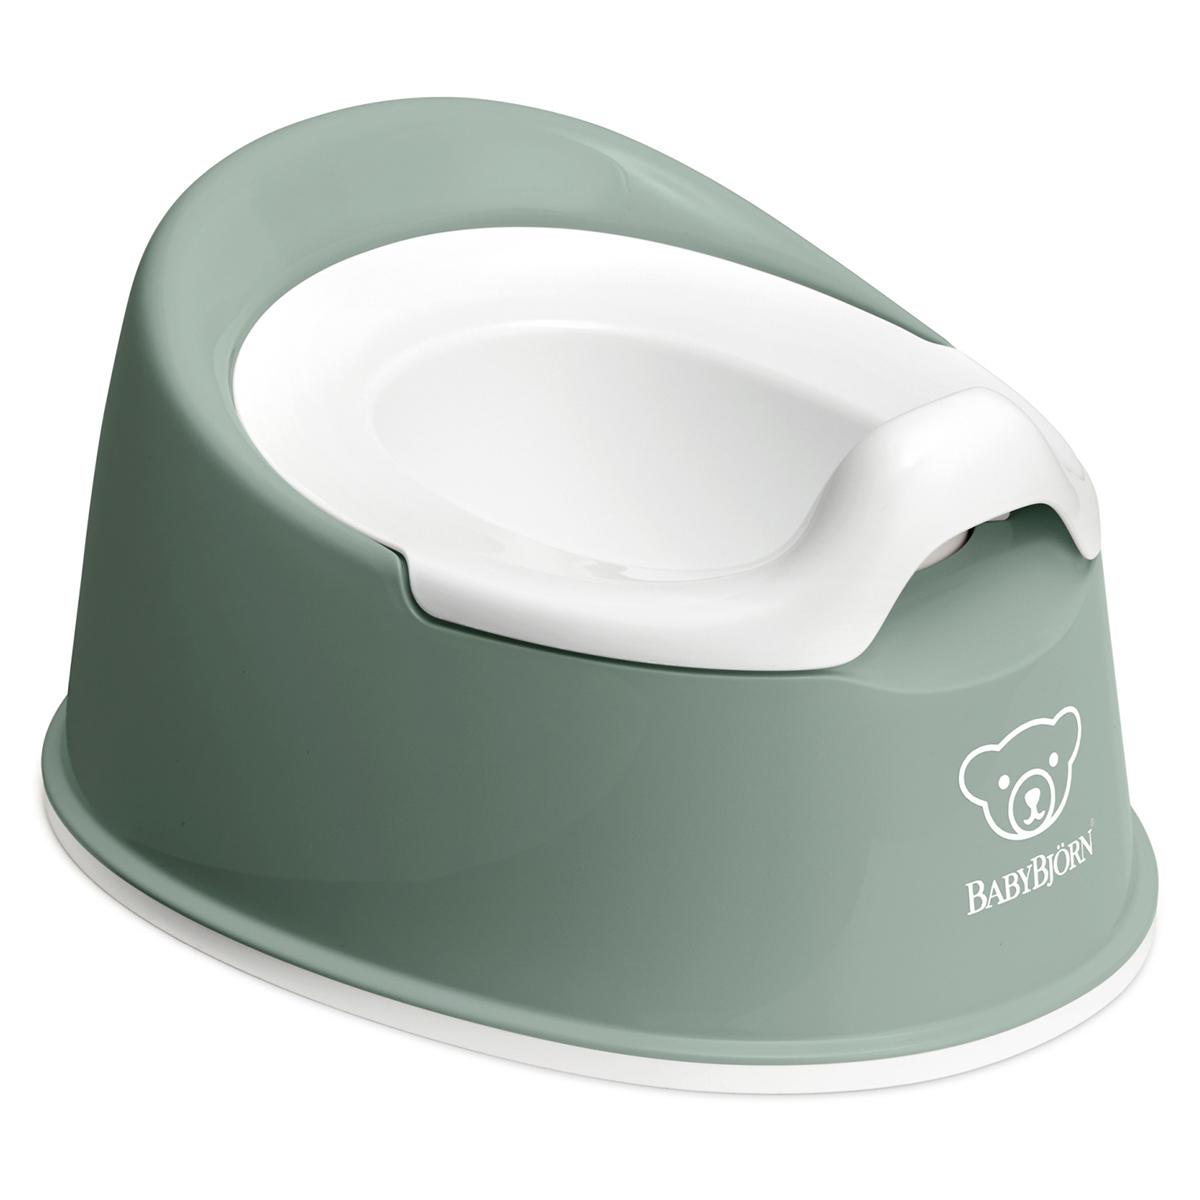 Pot & Réducteur Pot Smart - Vert Profond et Blanc Pot Smart - Vert Profond et Blanc